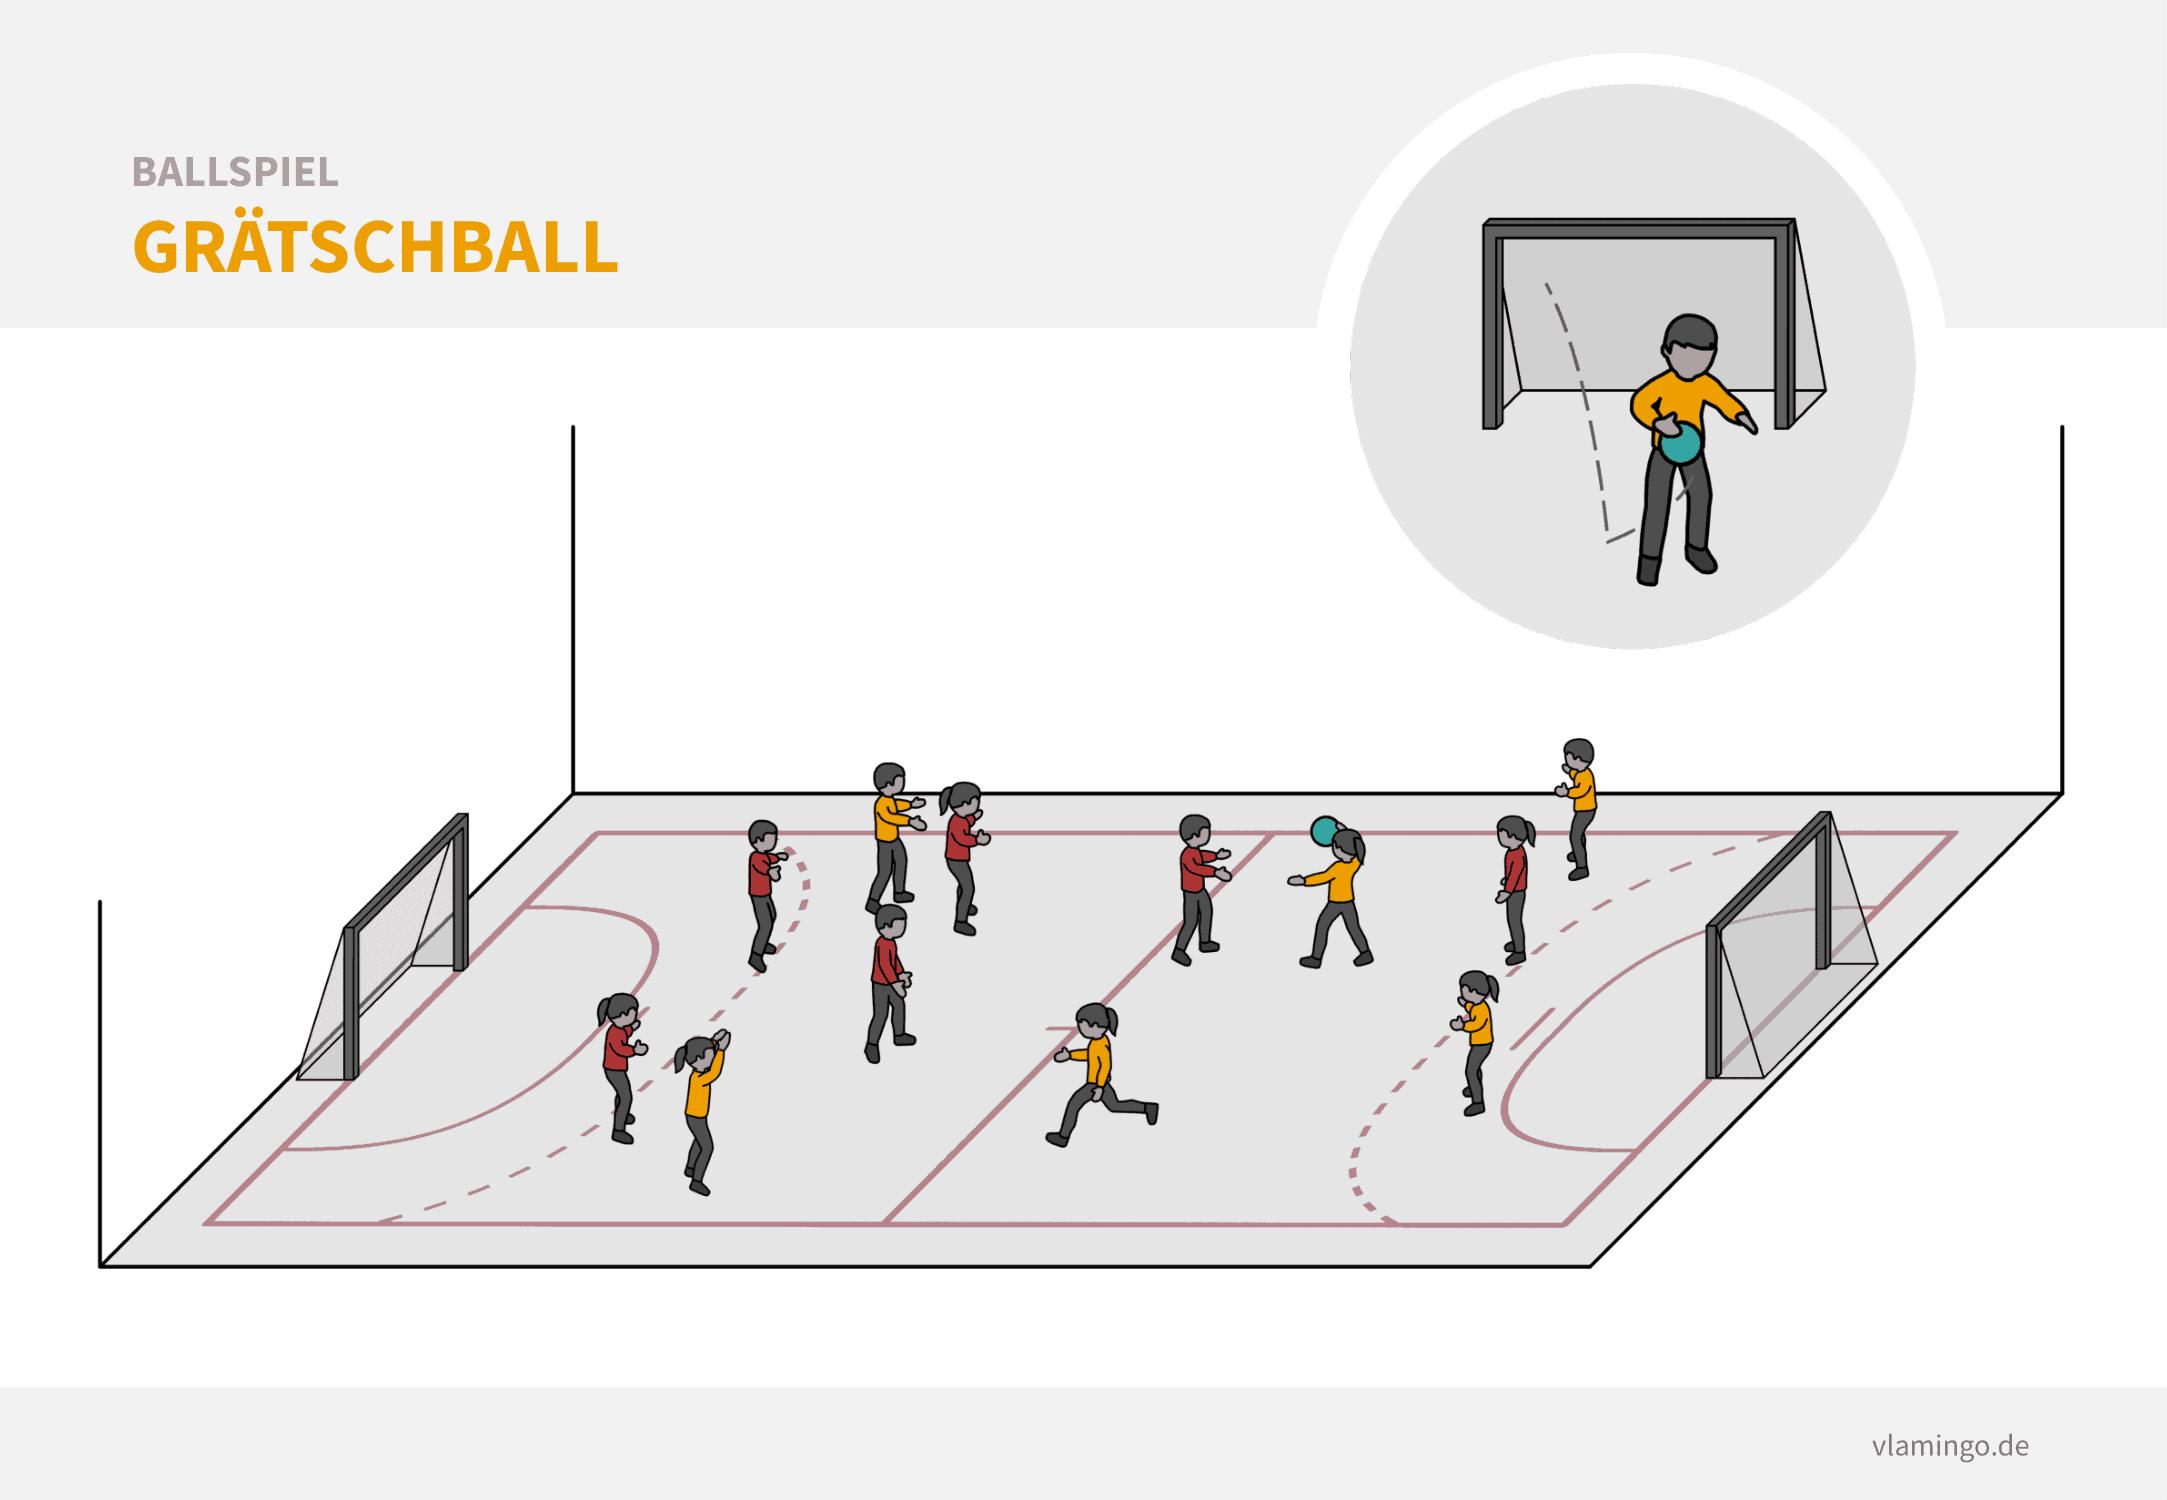 Grätschball